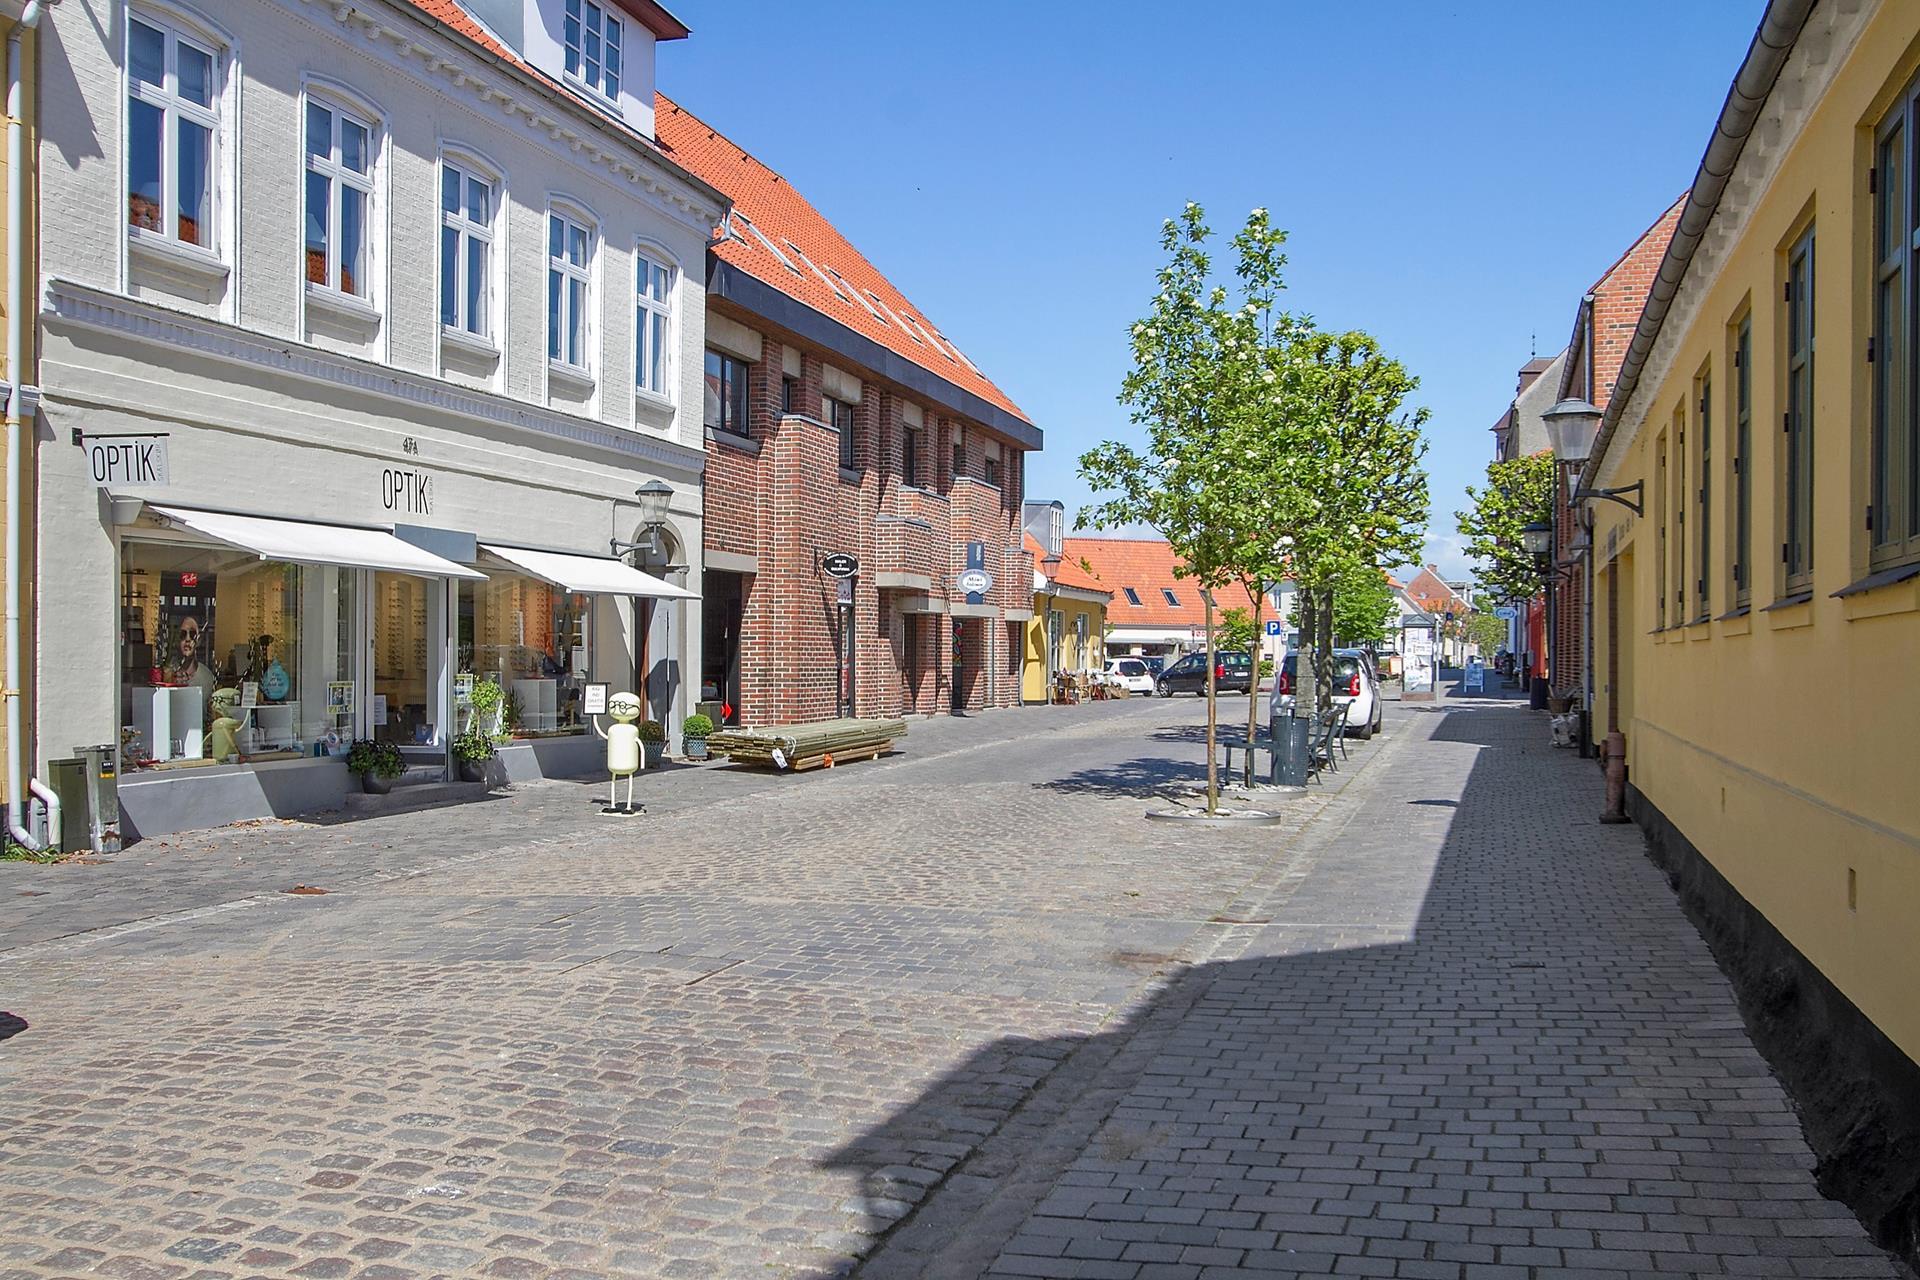 Bolig/erhverv på Algade i Skælskør - Udendørs